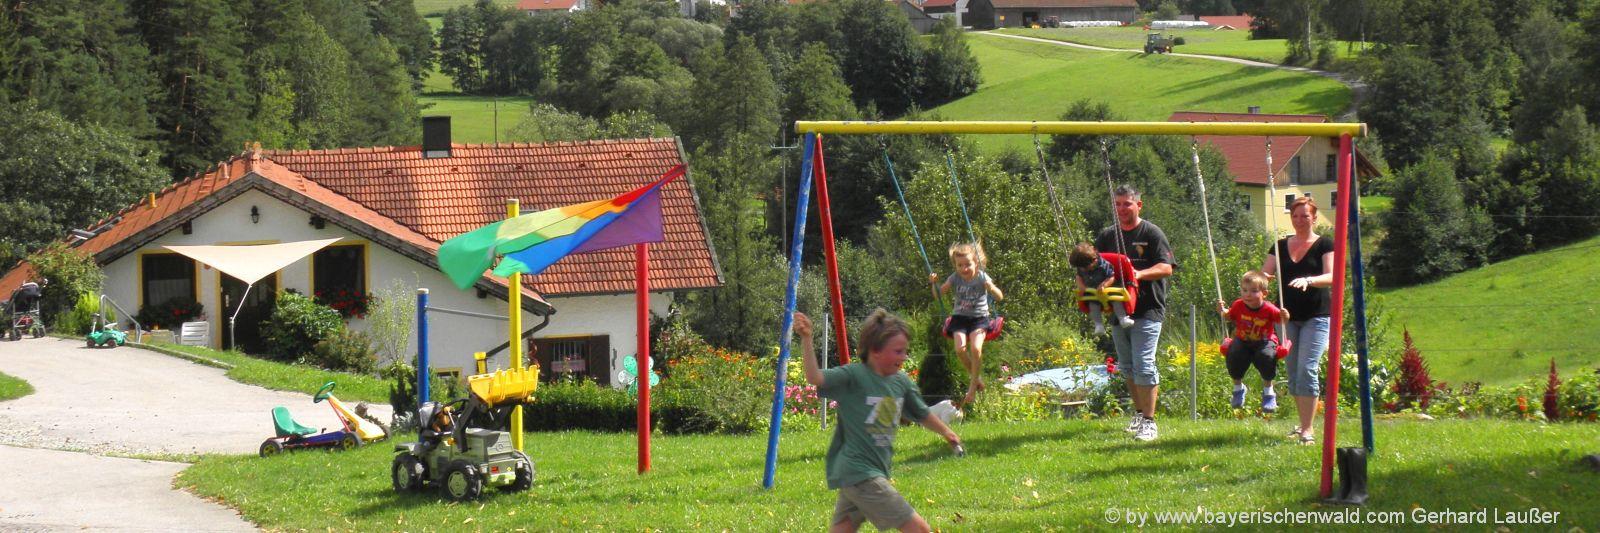 Bayerischer Wald Familienurlaub in Bayern